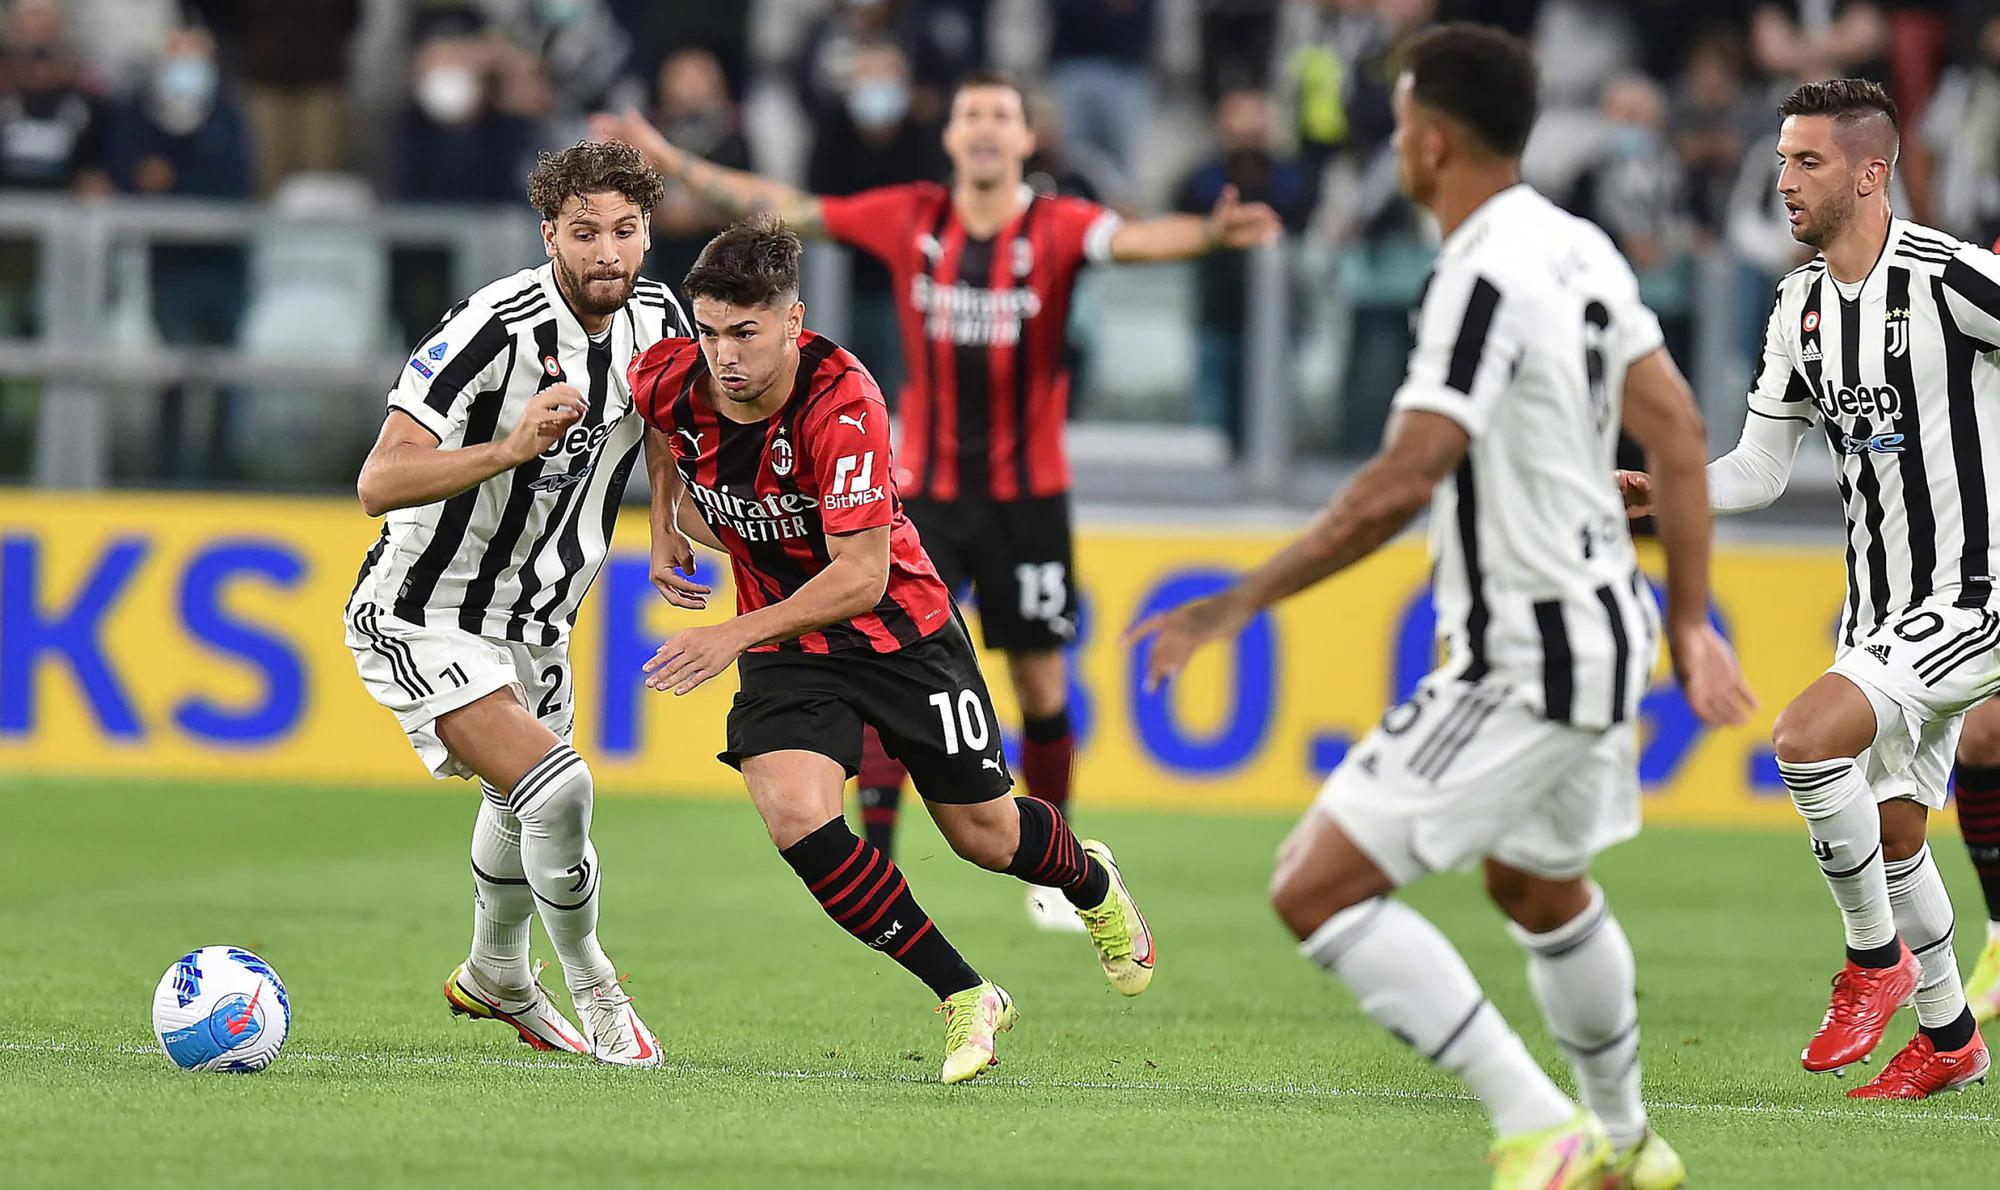 Milan cầm bóng 56%, dứt điểm nhiều hơn Juventus bốn cú (13 - 9) và xứng đáng ra về với ít nhất một điểm. Trong ảnh là tình huống tiền vệ chủ nhà Manuel Locatelli bị Brahim Diaz vượt qua ở hiệp một. Ảnh: ANSA